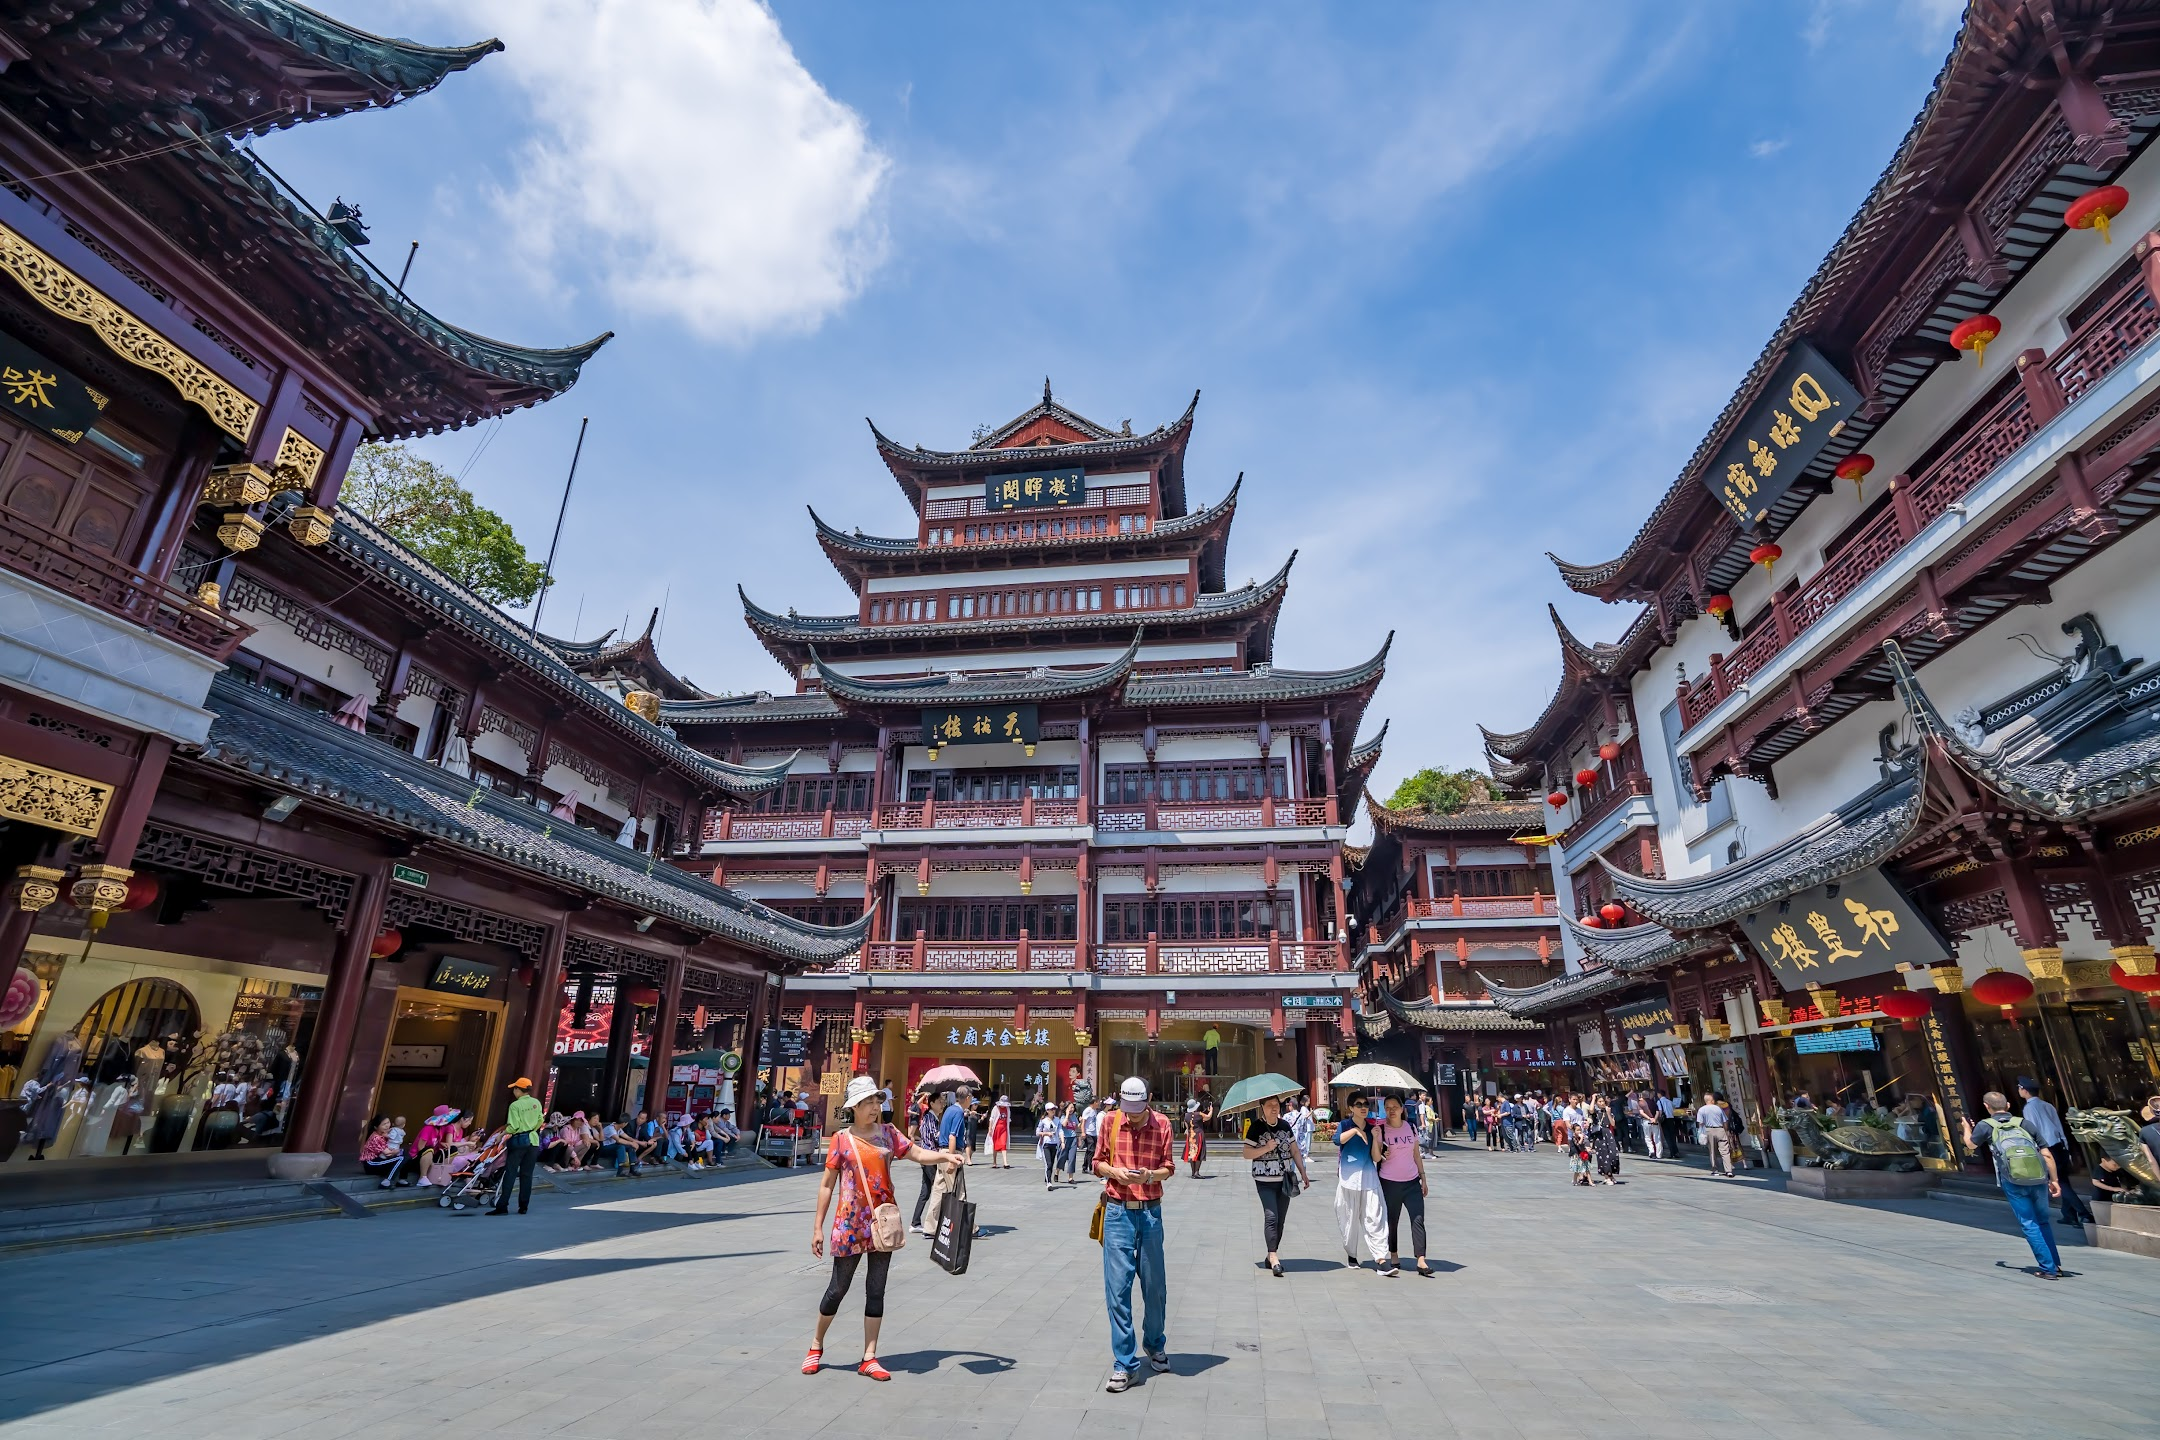 上海 豫園商城5